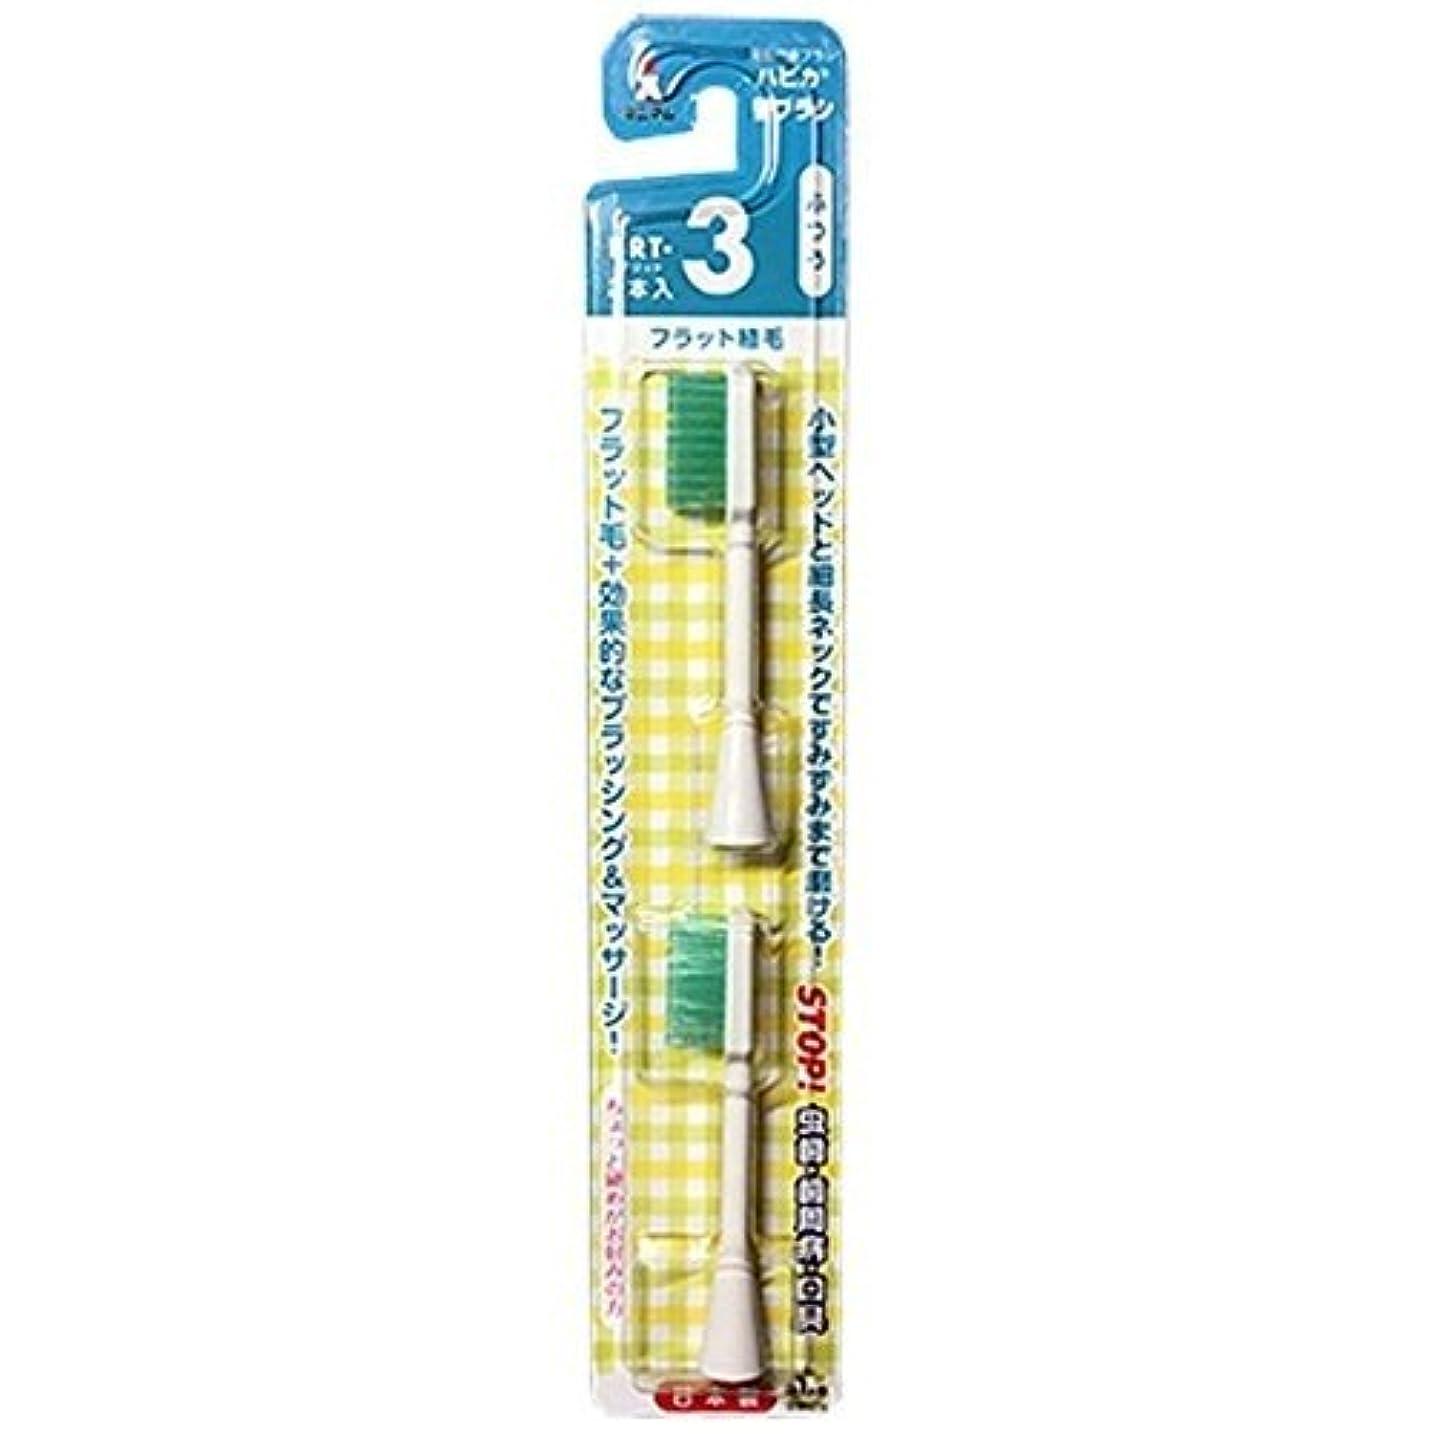 委員会見つけたファシズムミニマム 電動付歯ブラシ ハピカ 専用替ブラシ フラット植毛 毛の硬さ:ふつう BRT-3T 2個入